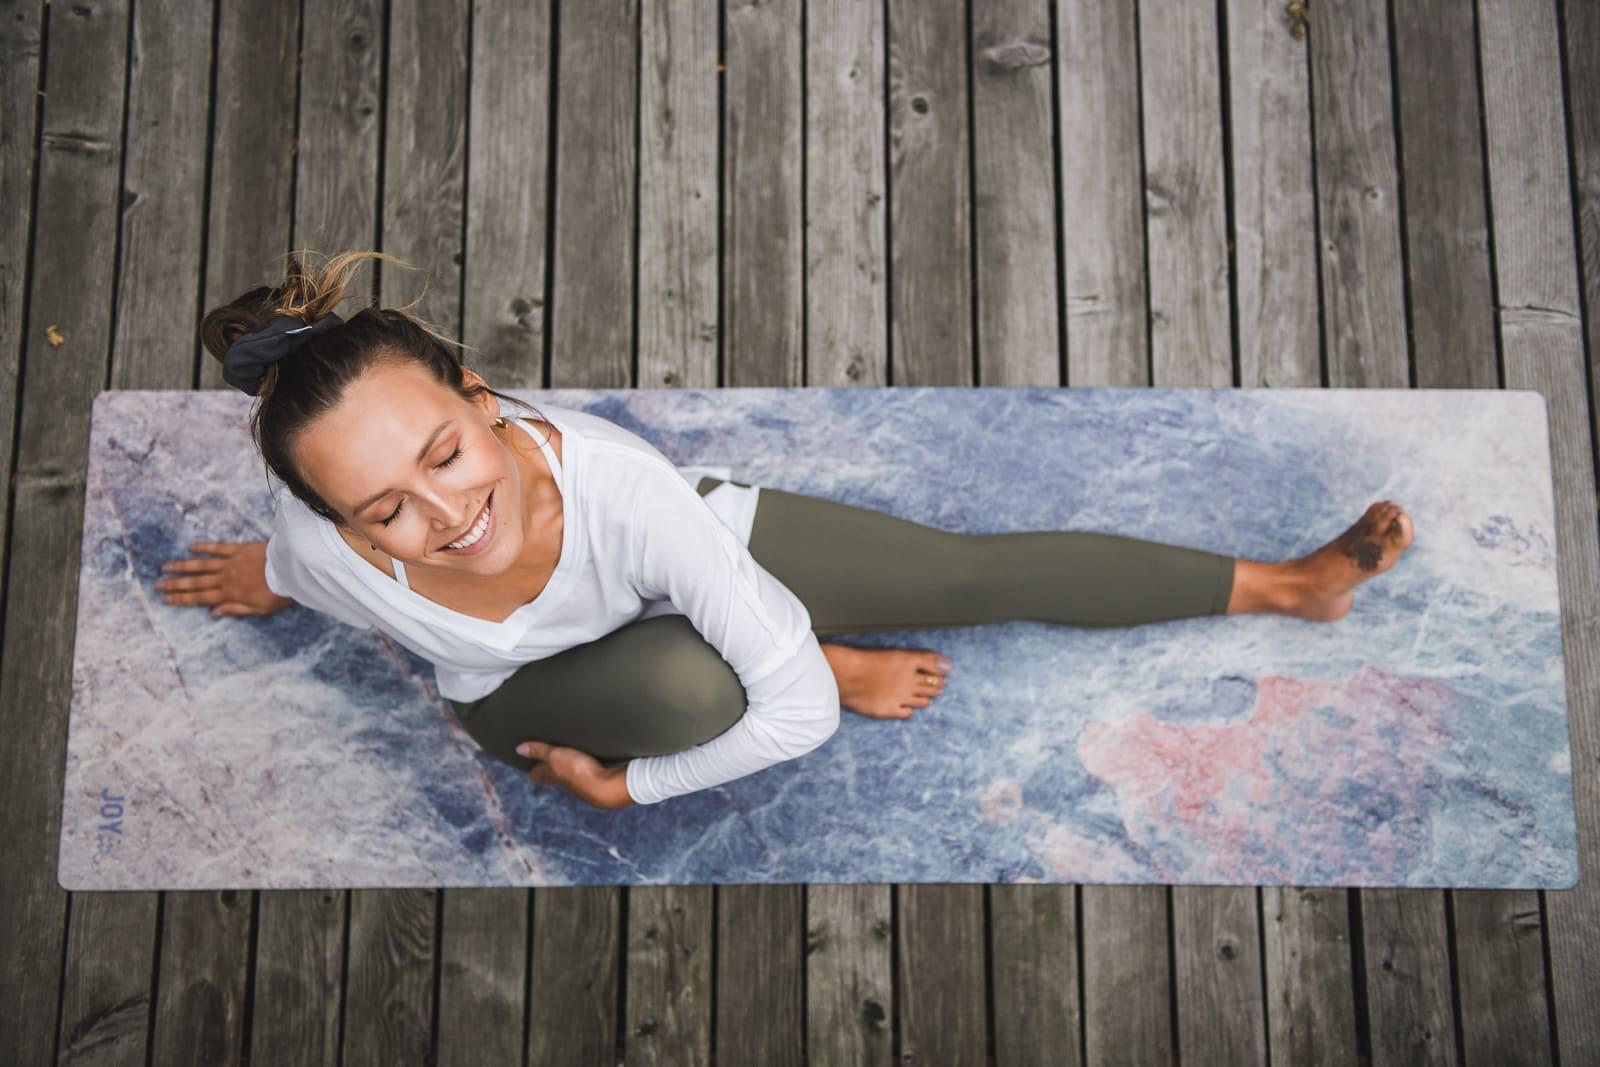 Jakie korzyści ma regularne praktykowanie jogi